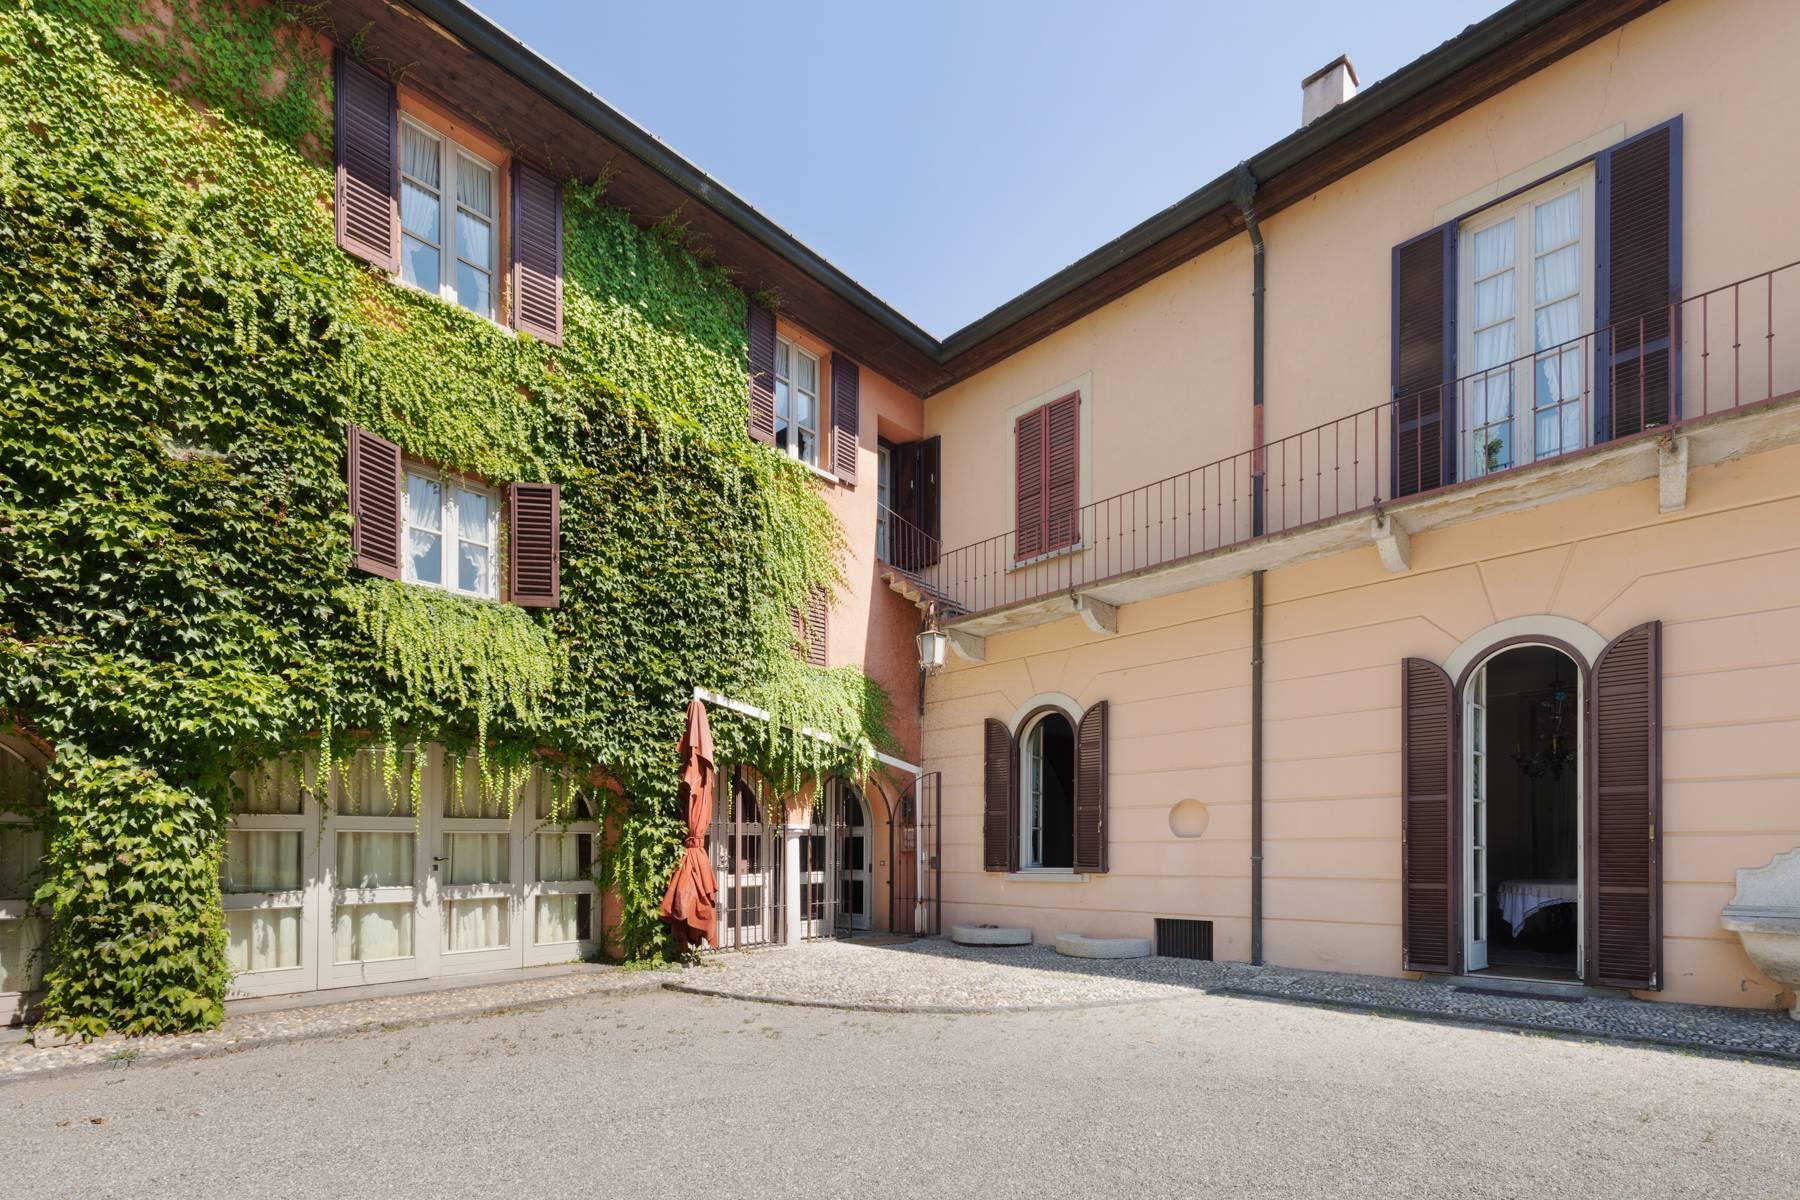 Villa in Vendita a Merate: 5 locali, 1200 mq - Foto 16